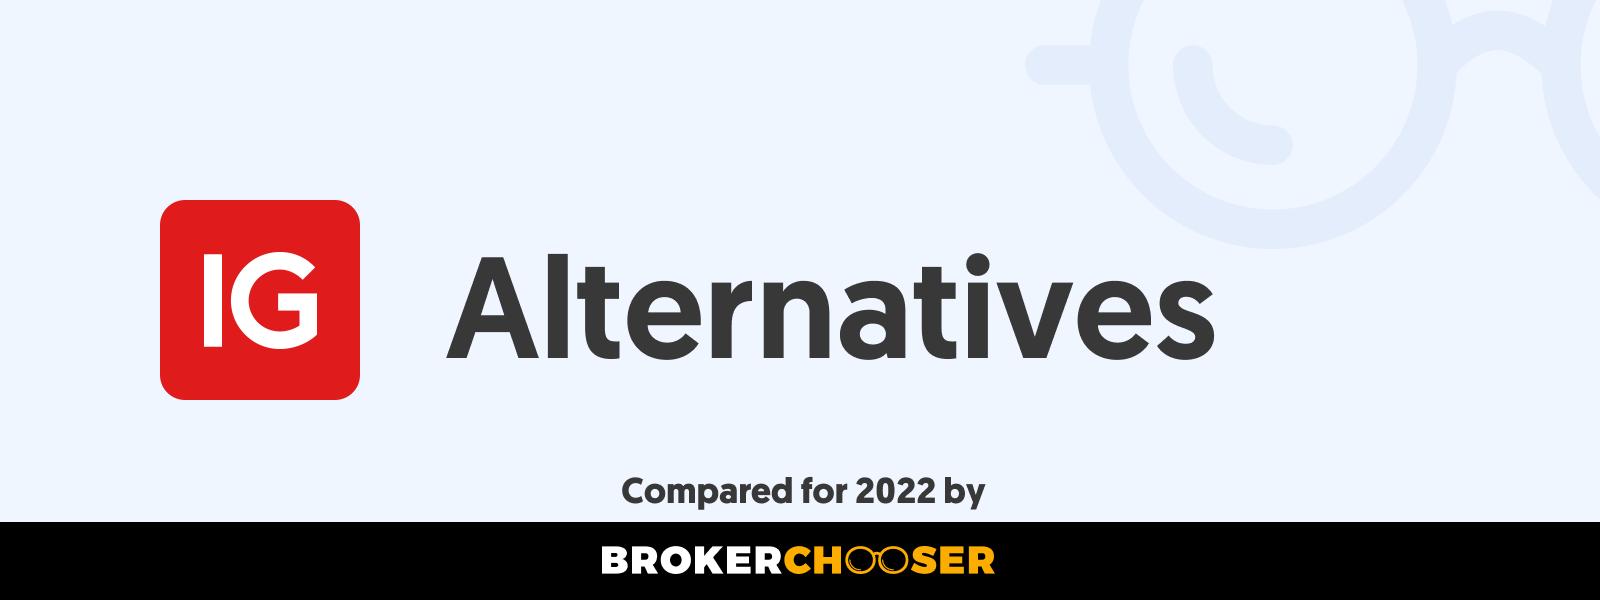 IG Alternatives